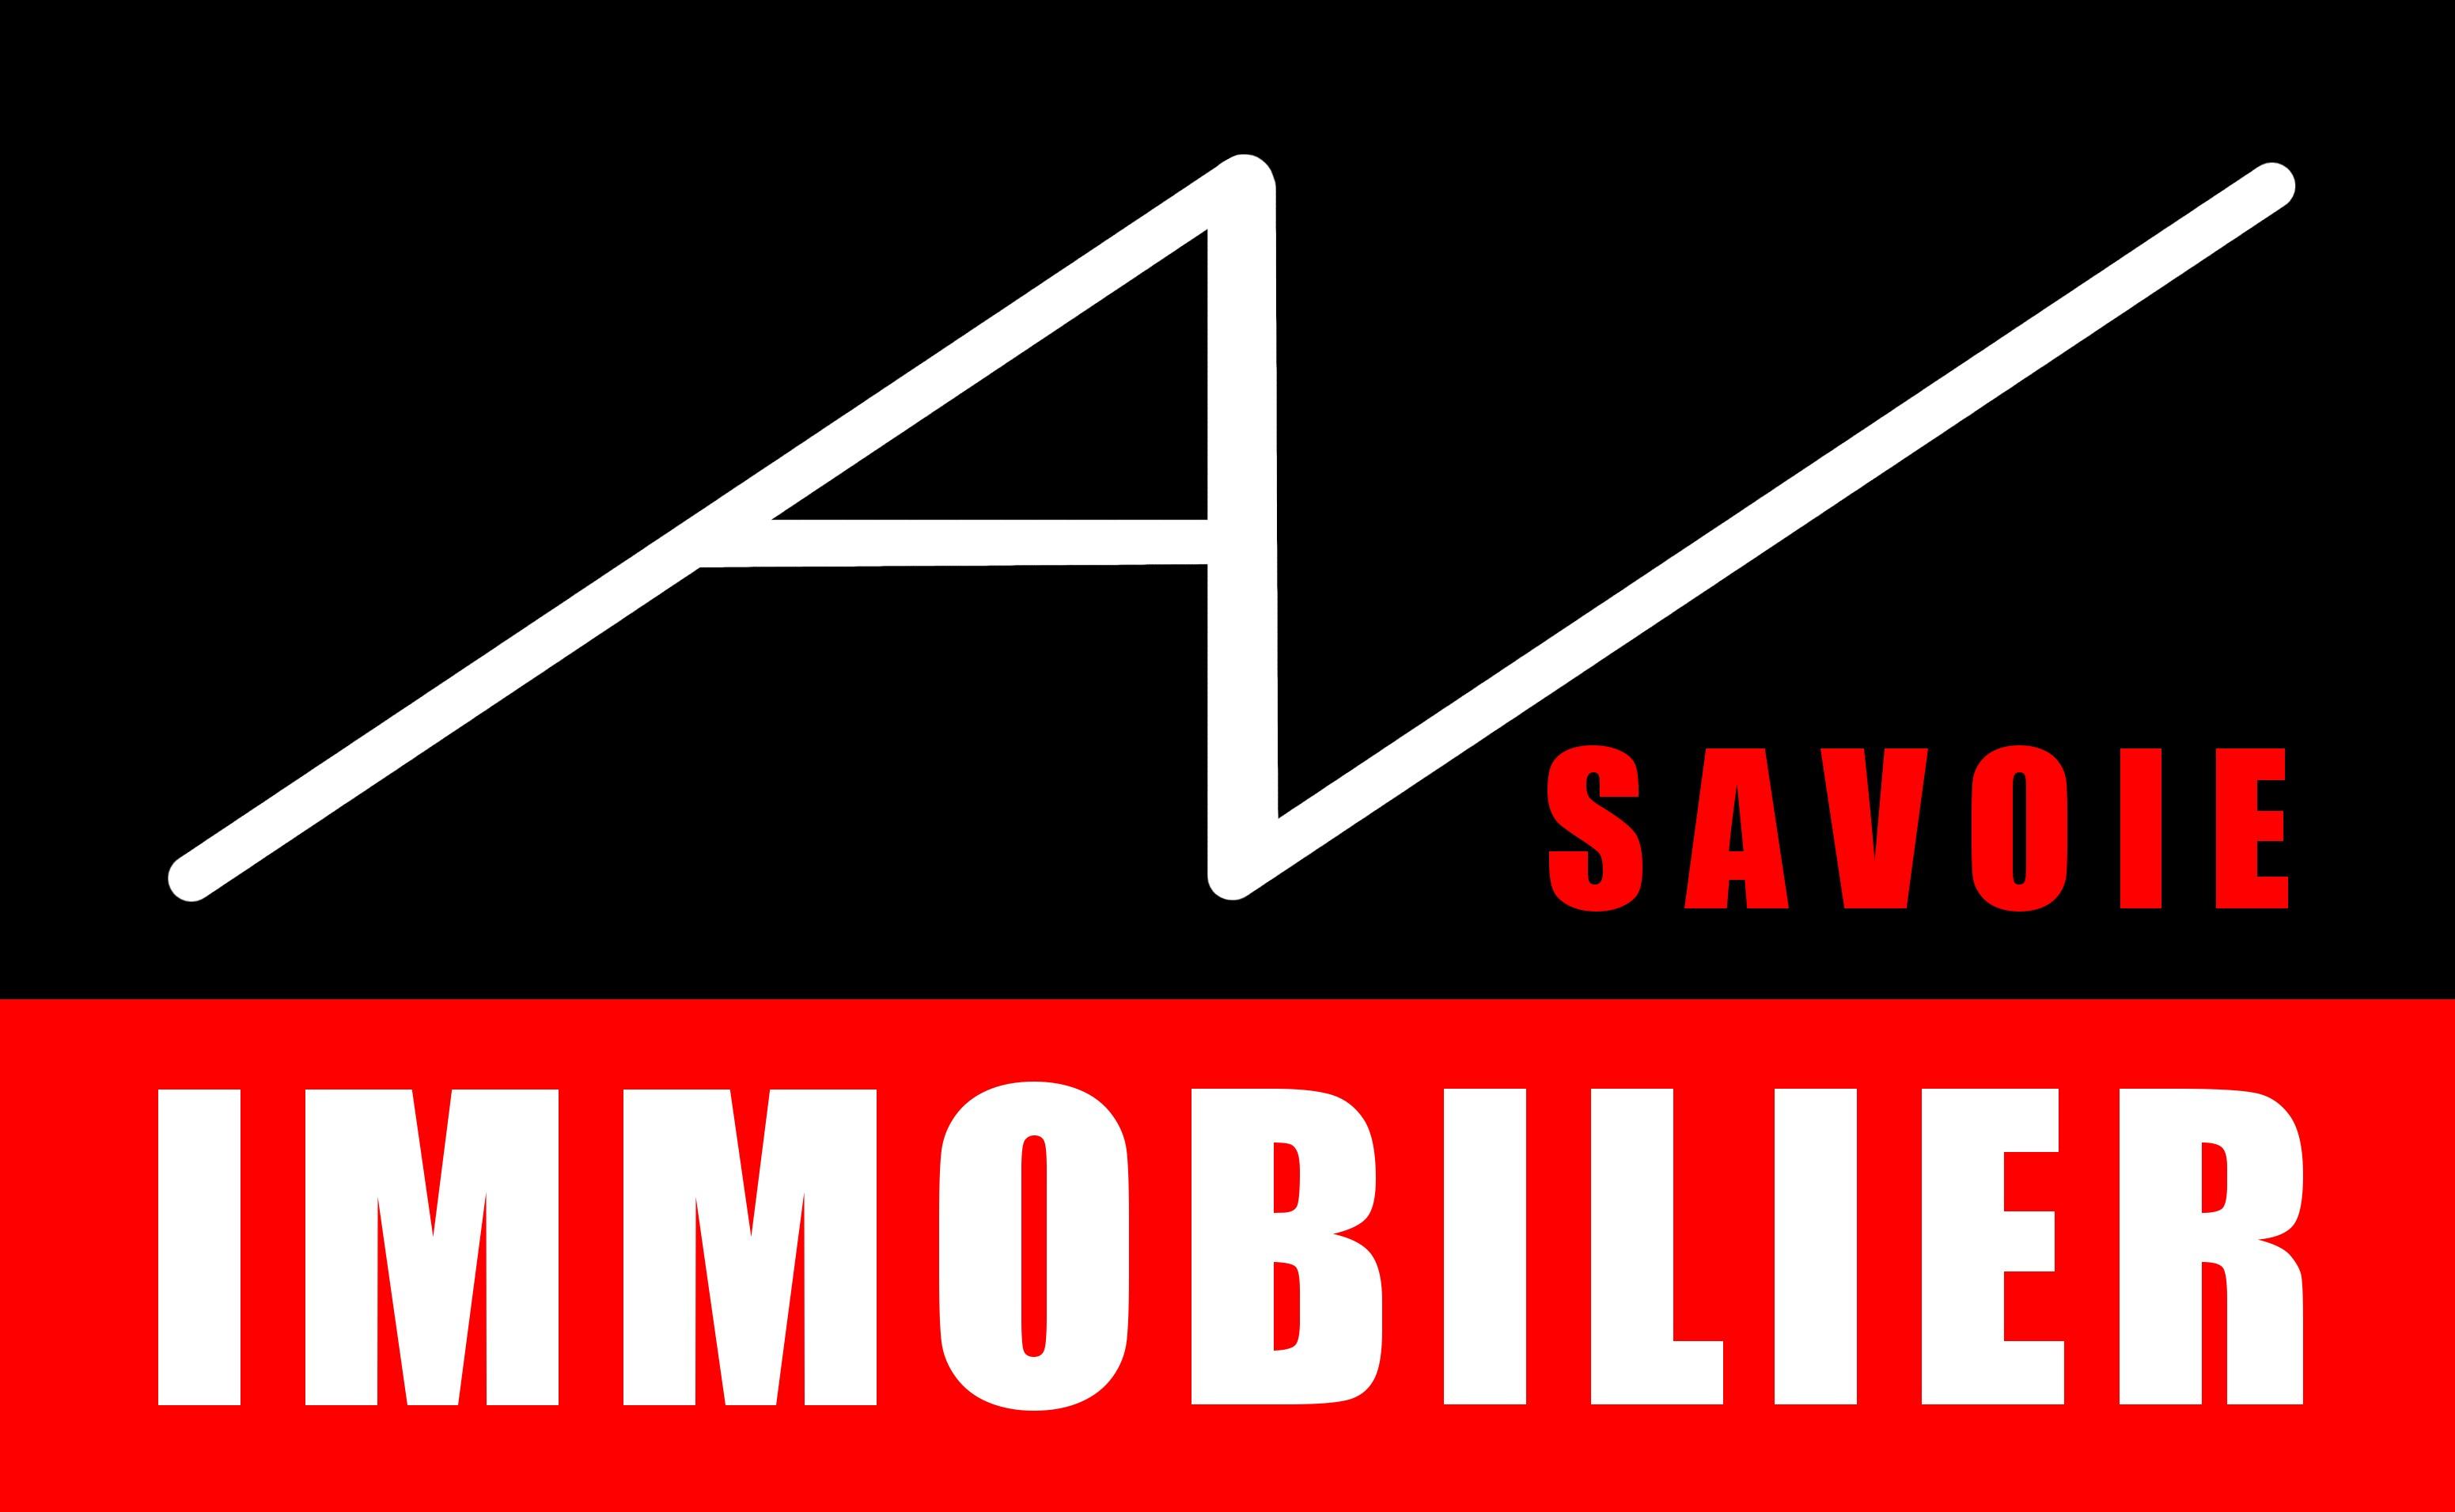 Av Savoie Immobilier agence immobilière Chambéry (73000)